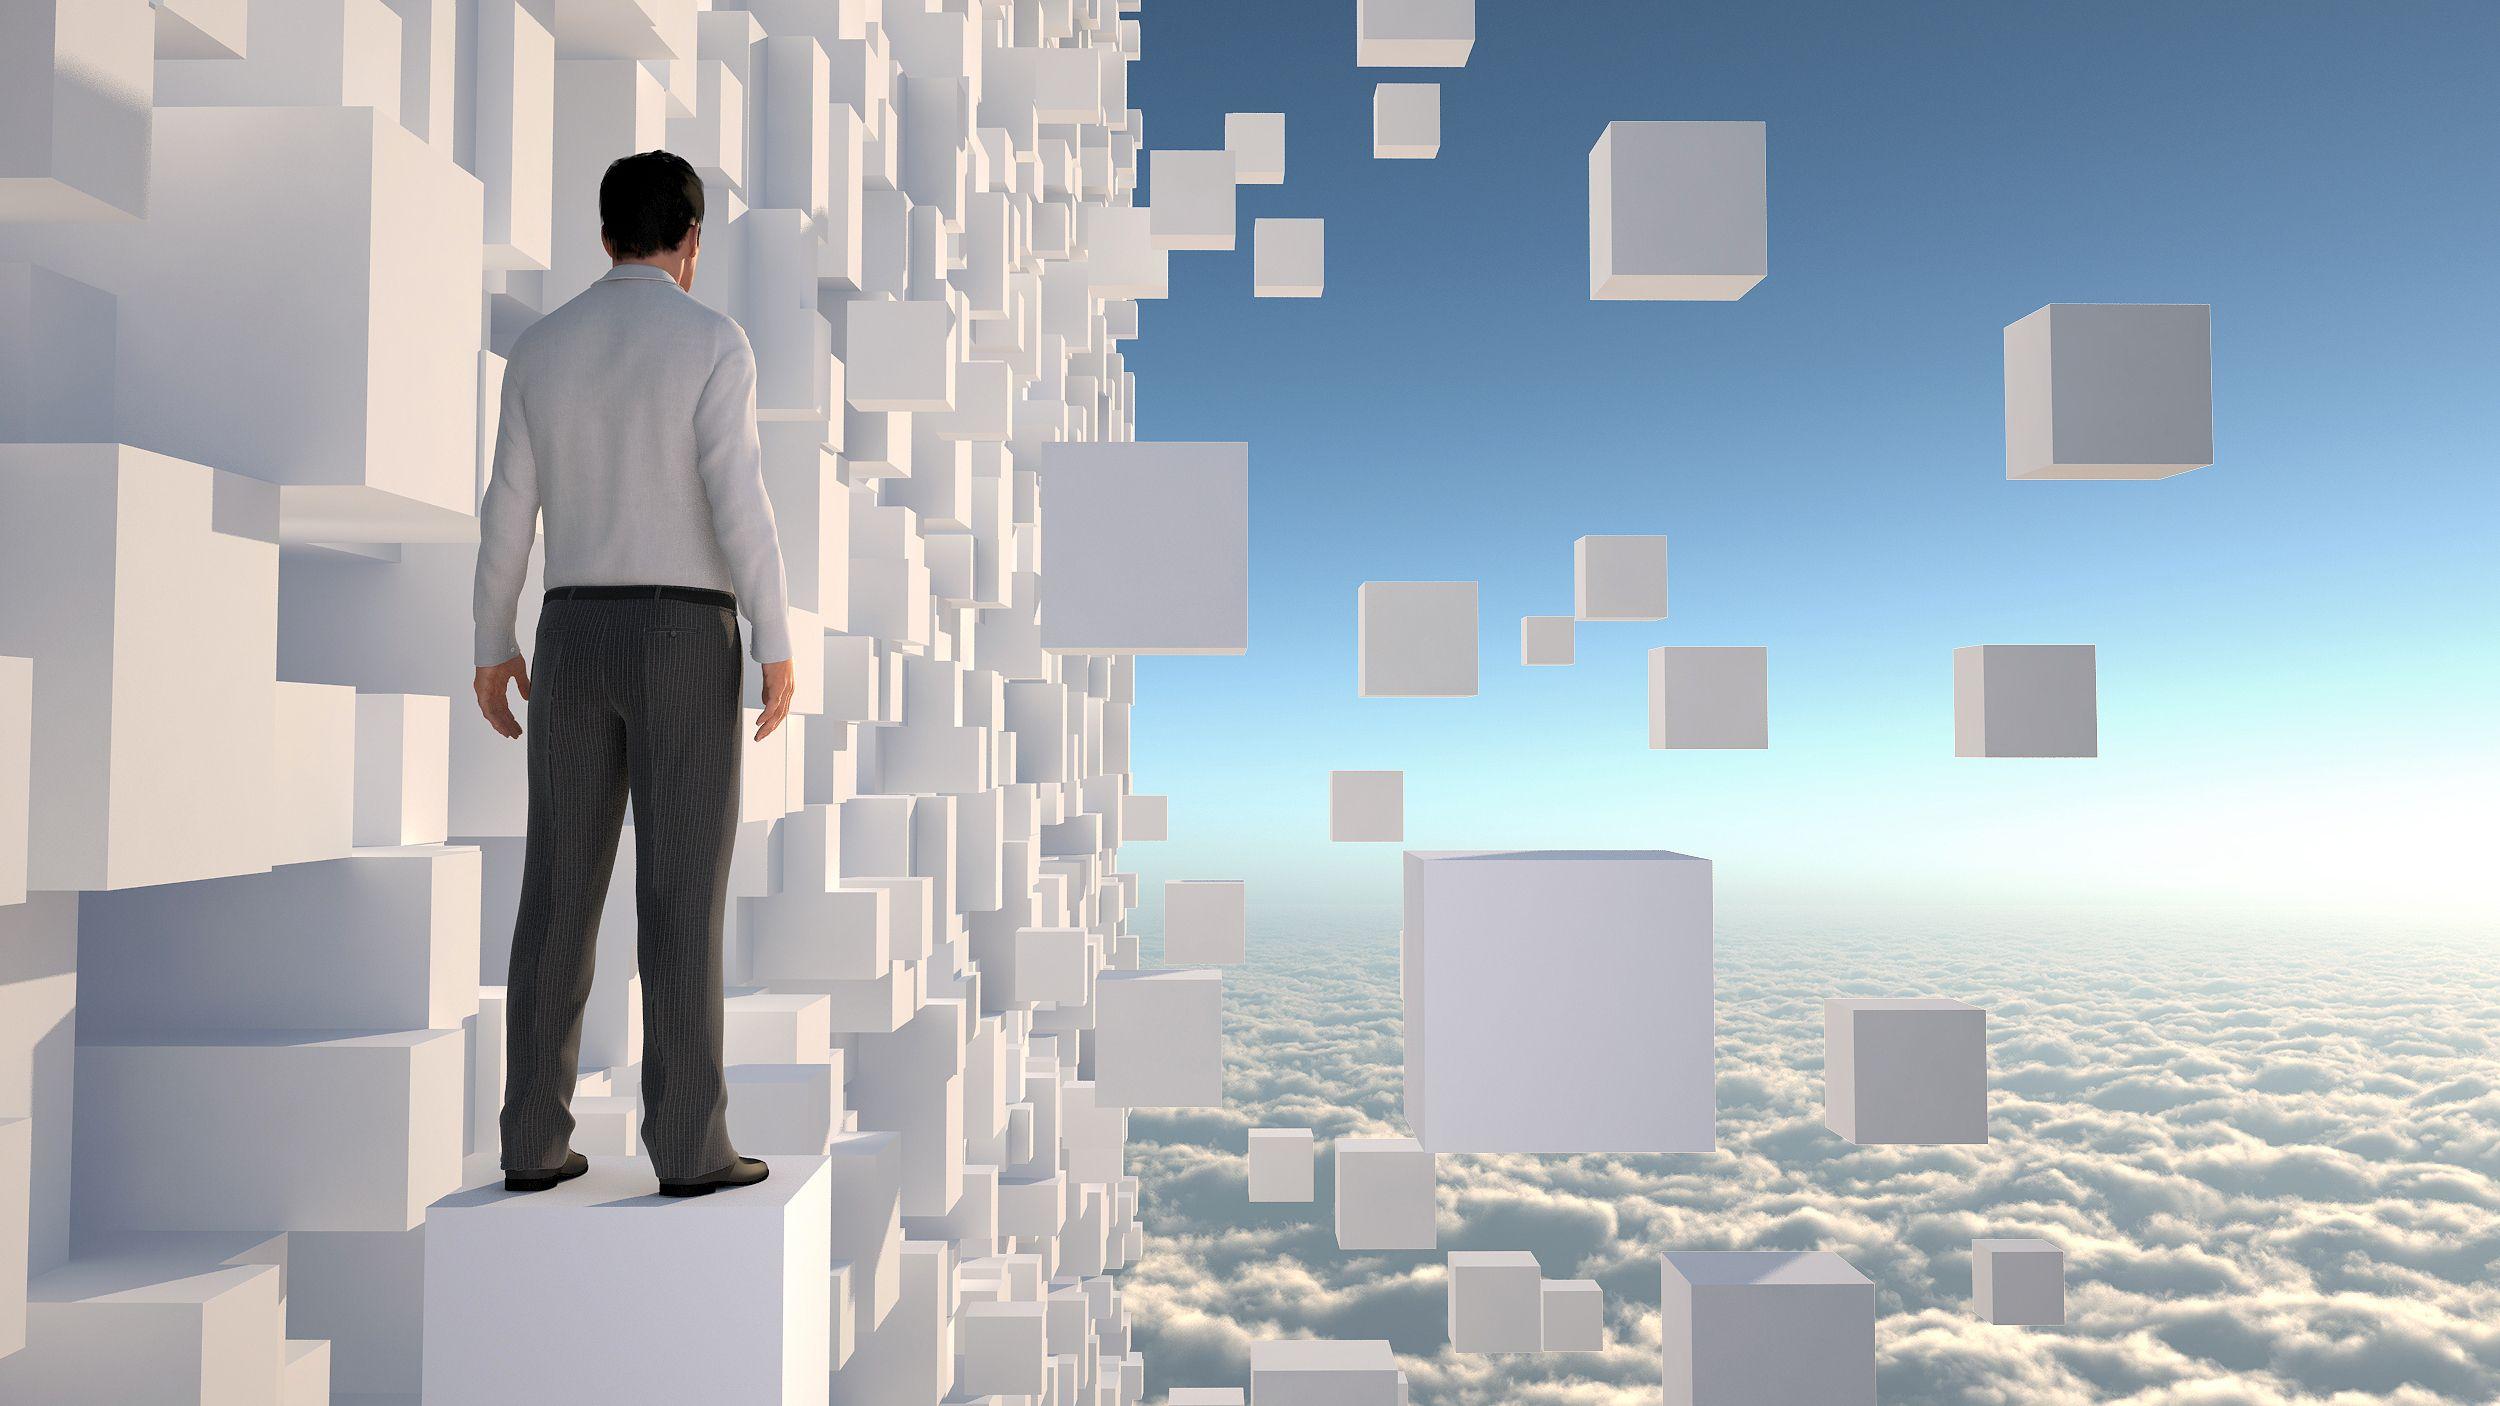 Vil våre datavalg egentlig ha noe å si for en fjern fremtid?Foto: Shutterstock